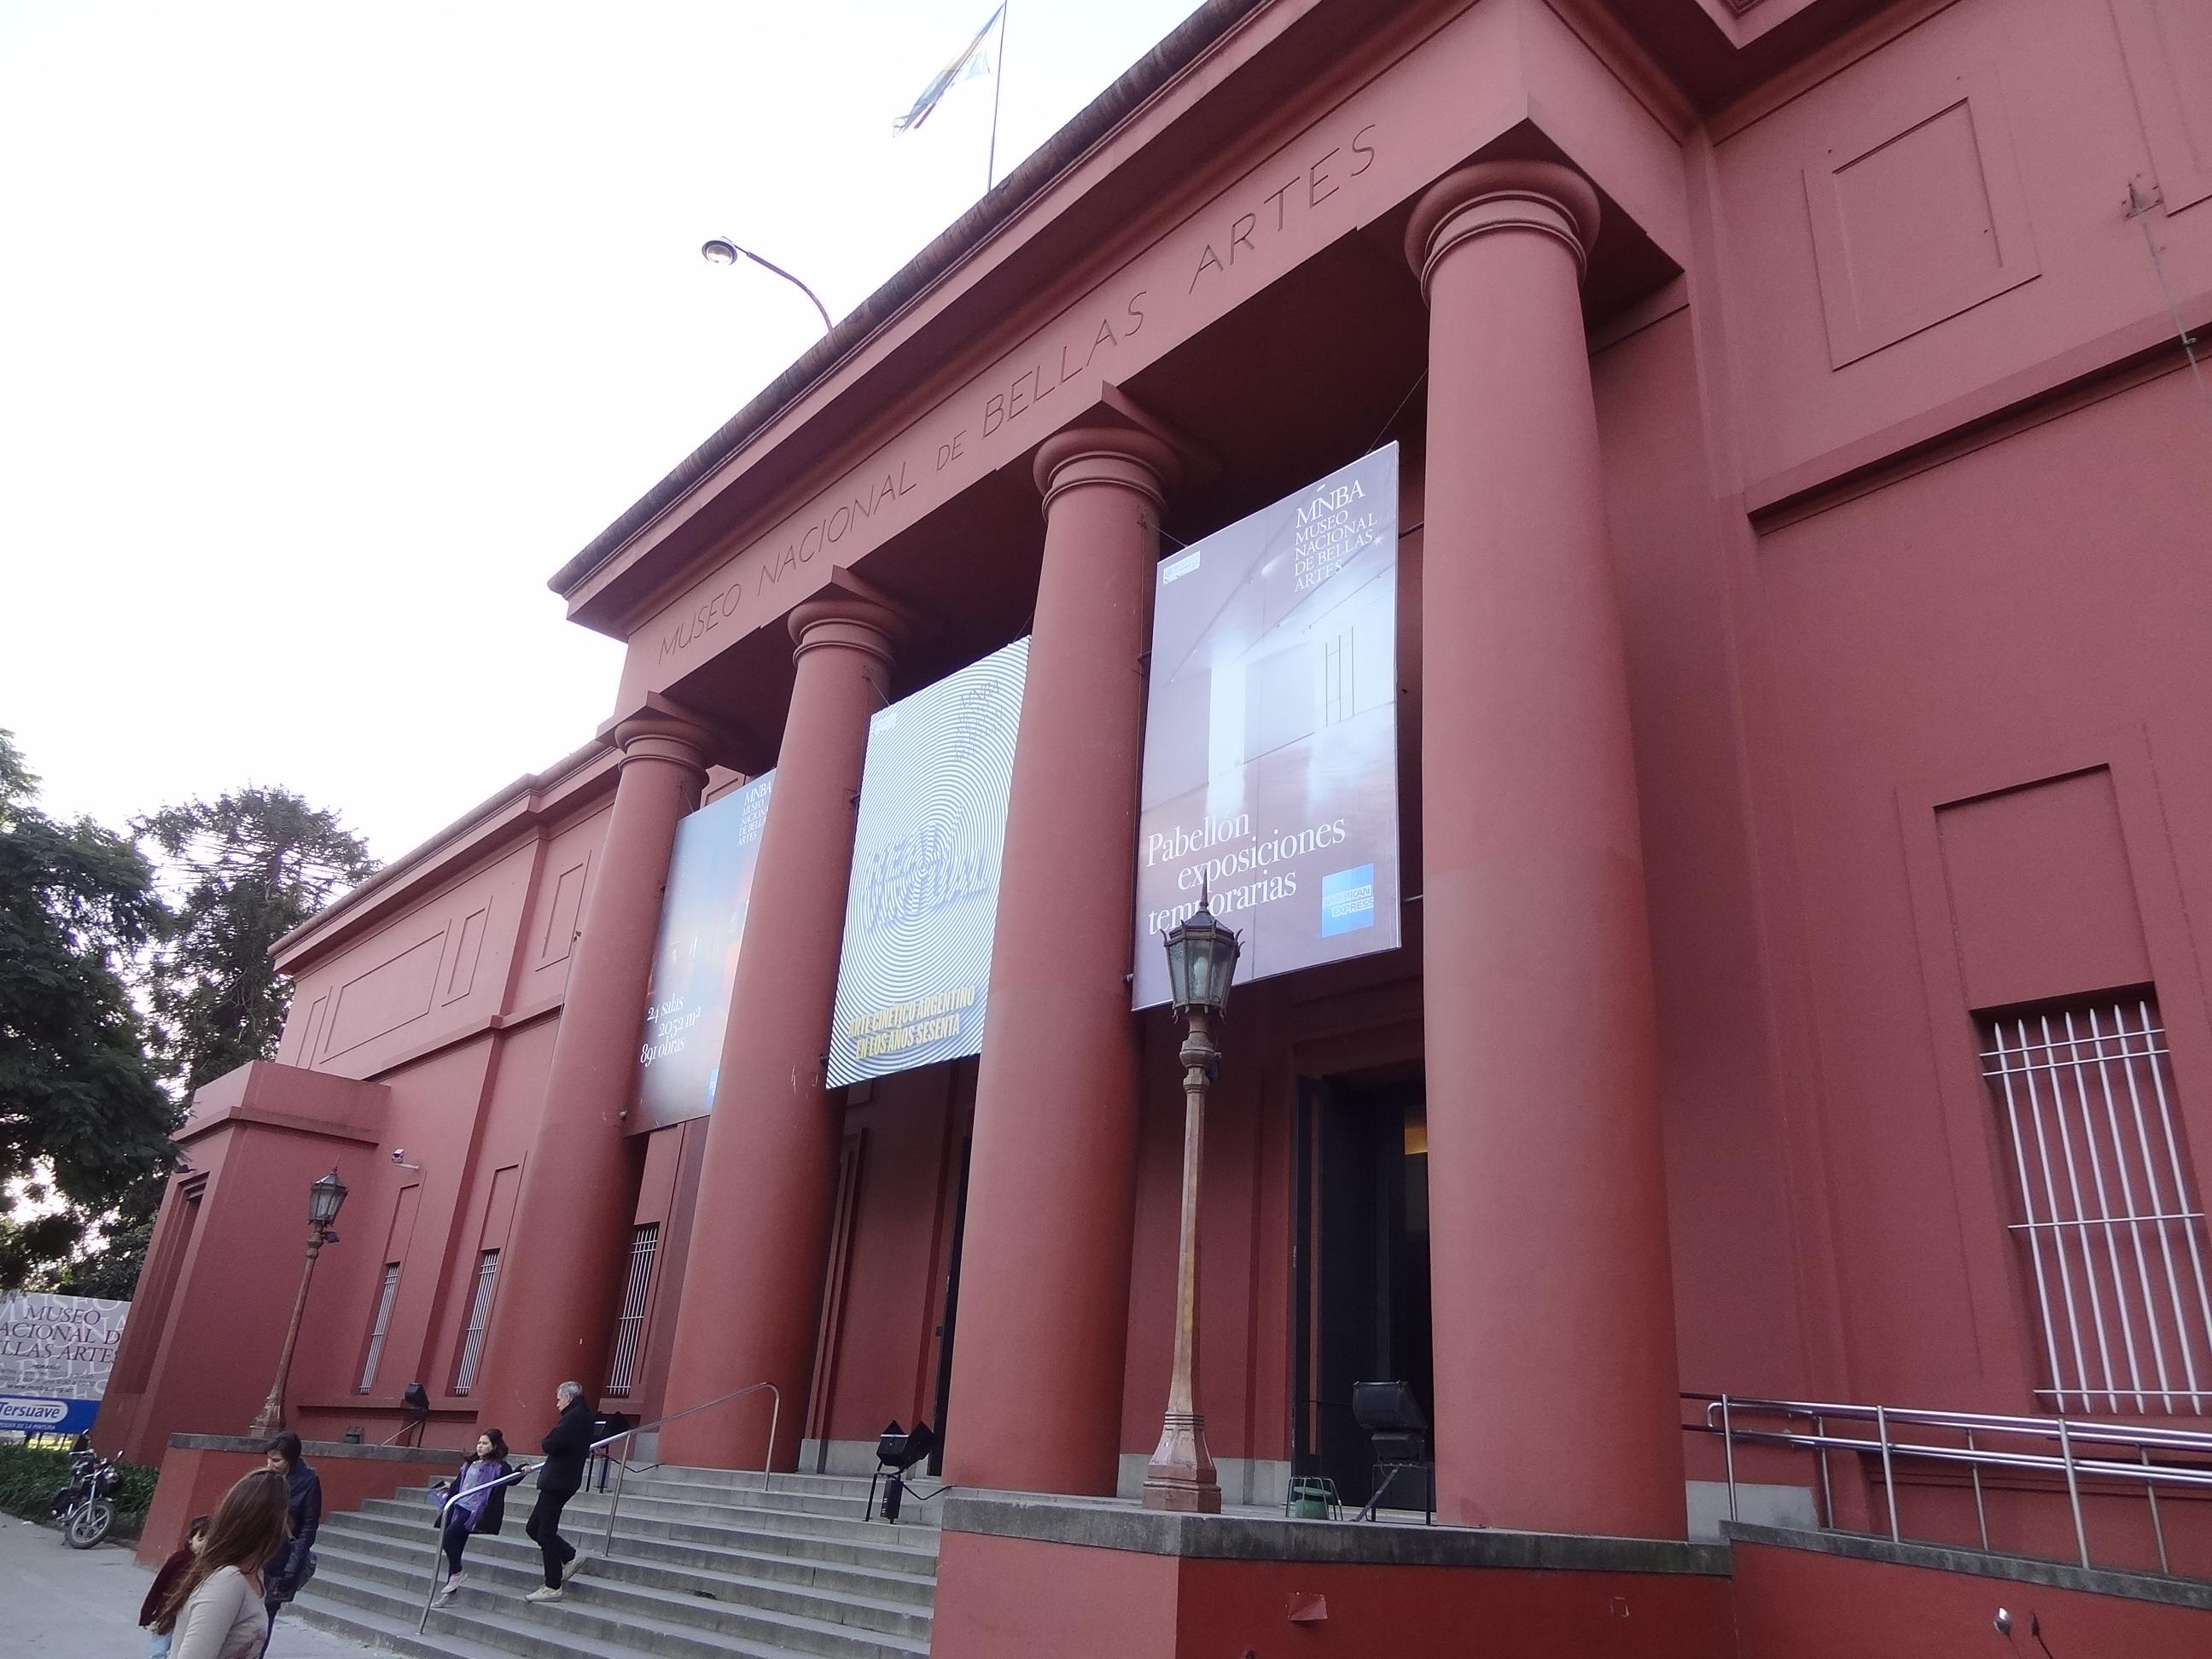 Arte-Museu-Buenos-Aires-Argentina-Roteiro-Turismo Onde ir no feriado? Conheça Buenos Aires!